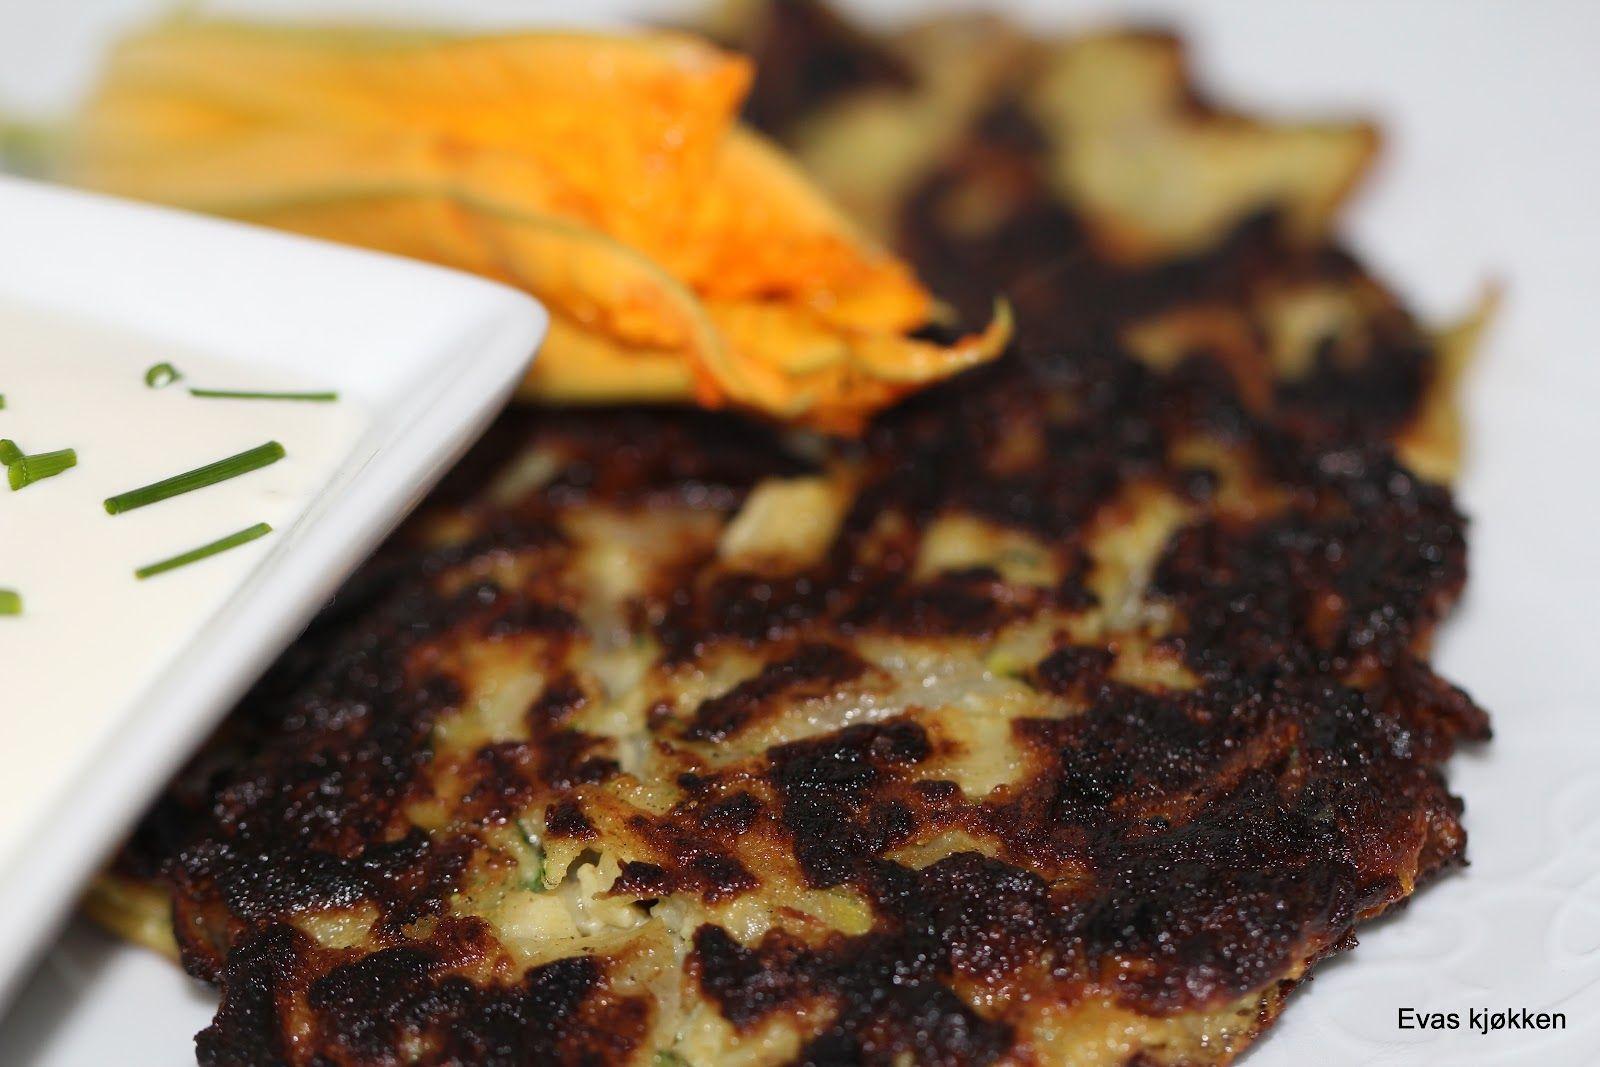 Evas kjøkken: Zucchini kaker